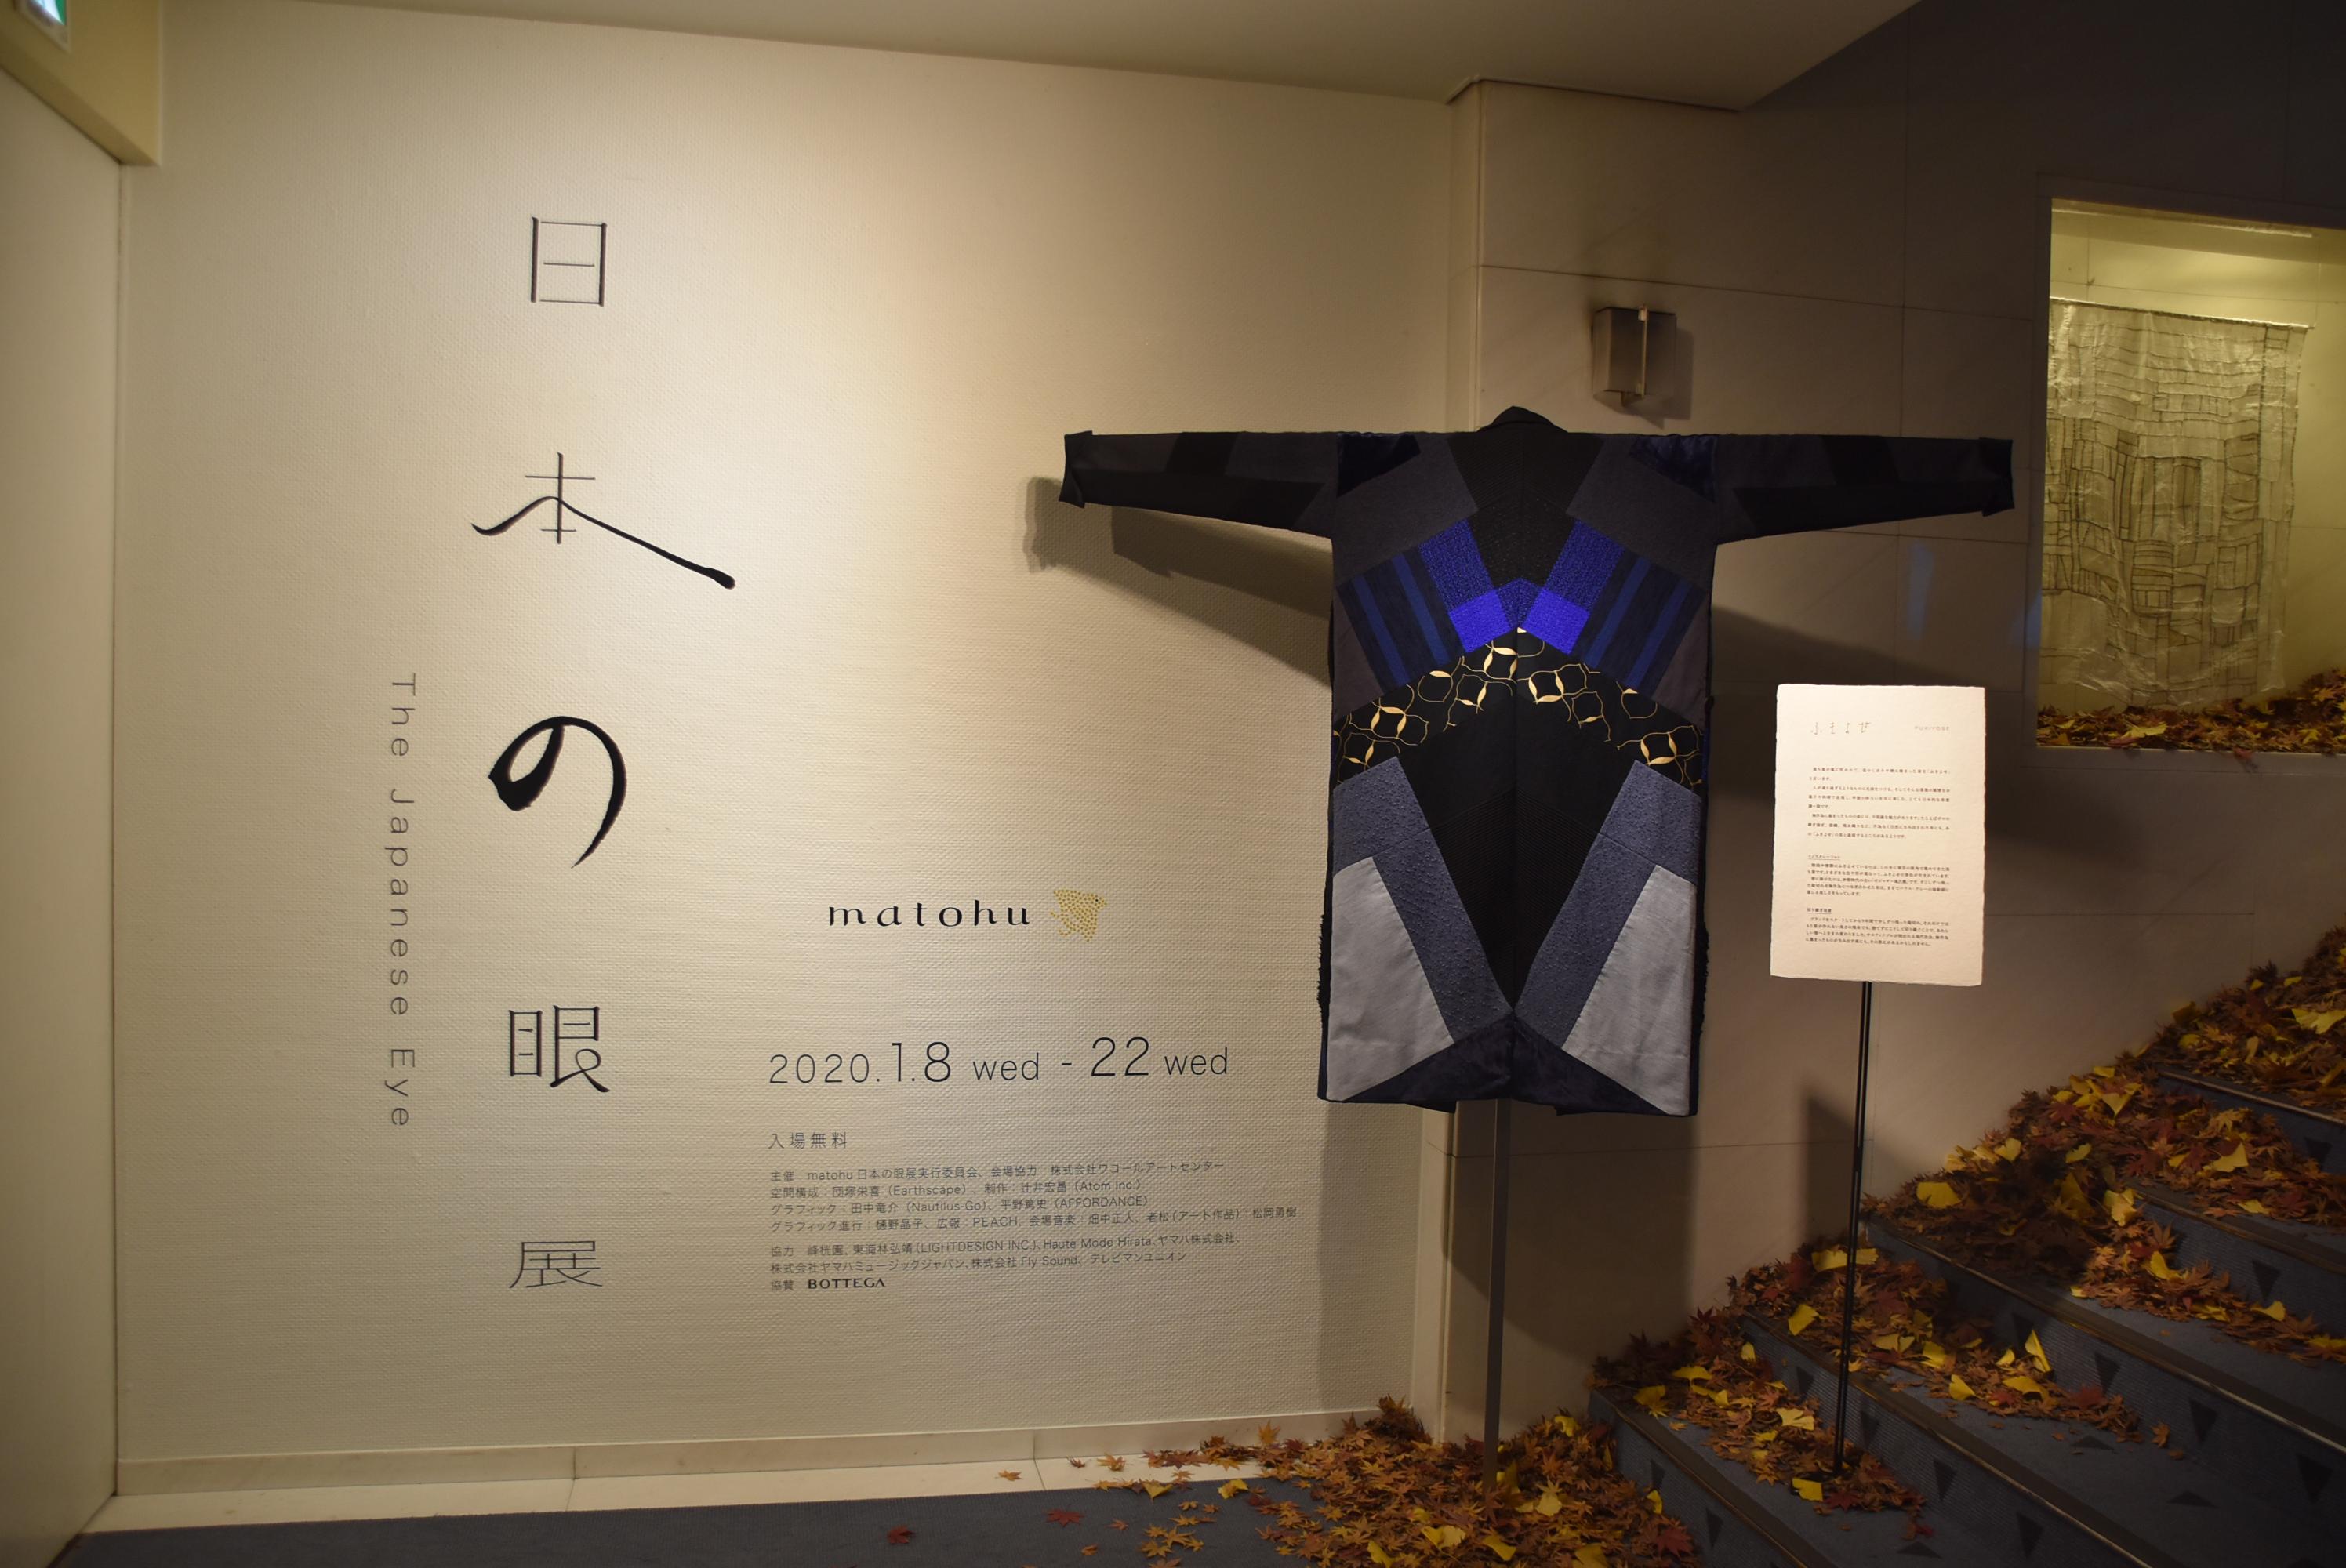 日本人の美意識を再認識させてくれる「matohu 日本の眼」展